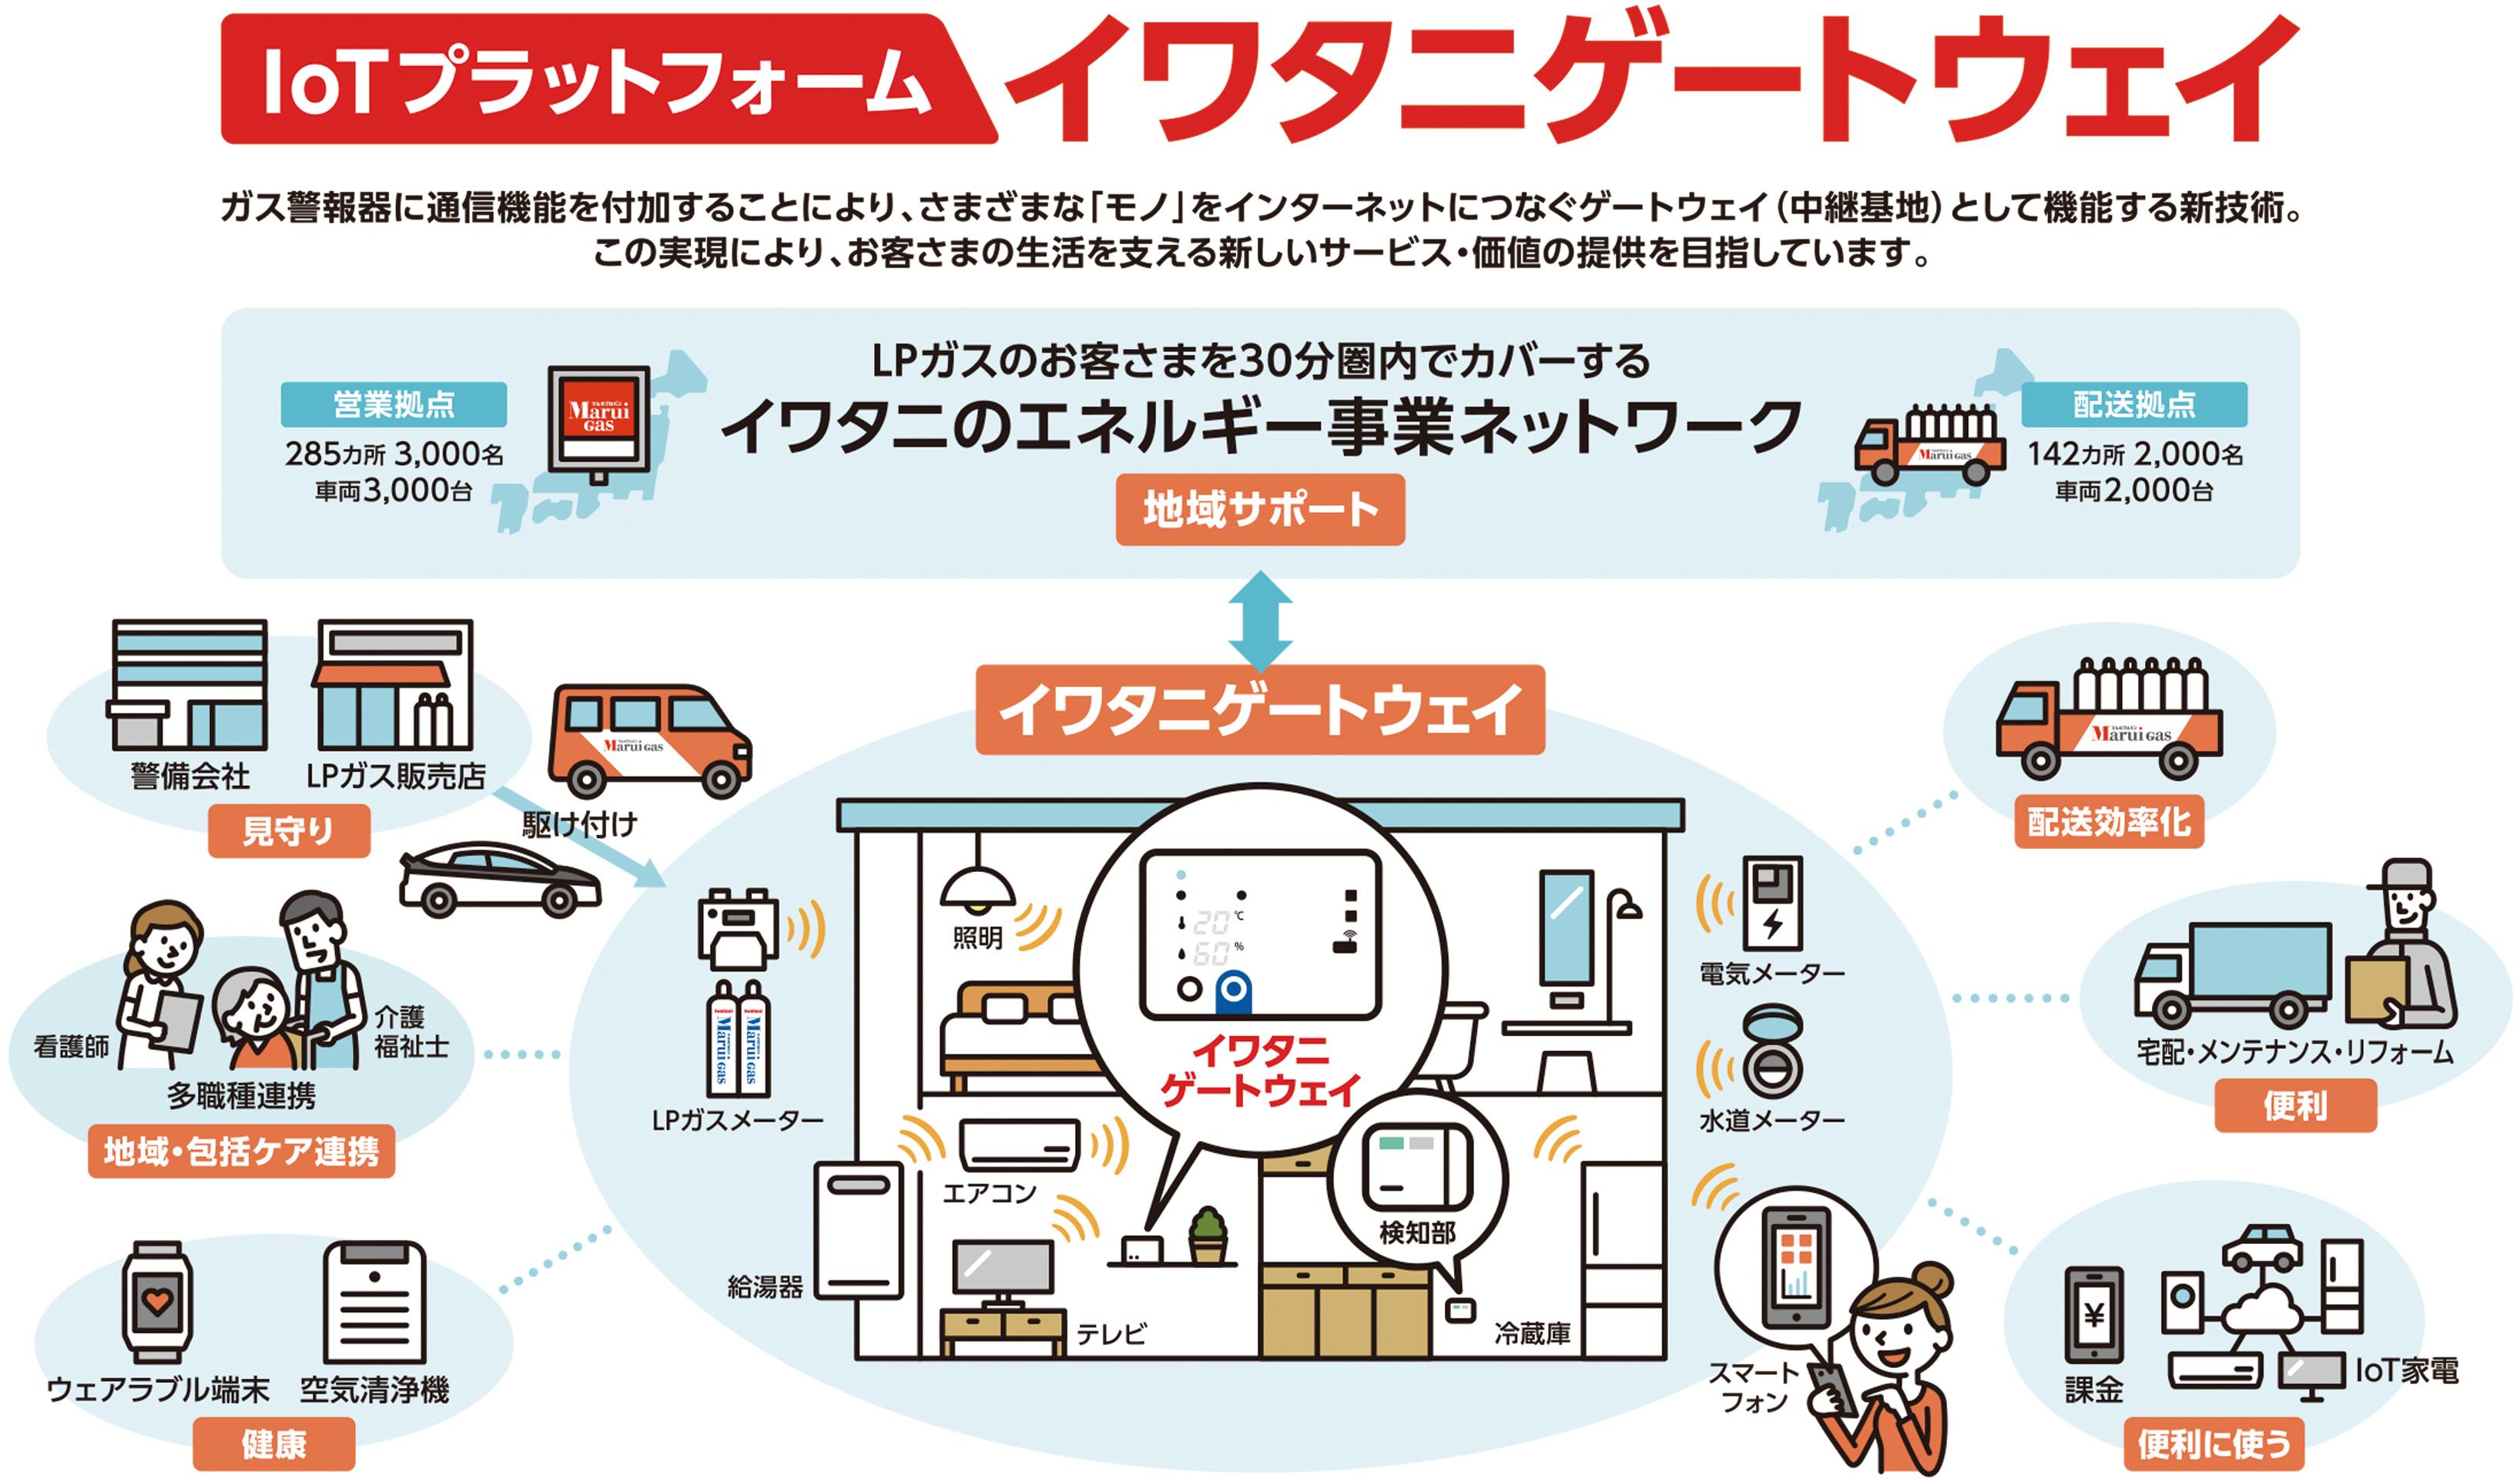 IoTプラットフォーム イワタニゲートウェイ ガス警報器に情報ネットワーク機能を付加することにより、さまざまな「モノ」をインターネットにつなぐゲートウェイ(中継基地)として機能する新技術。この実現により、お客さまの生活を支える新しいサービス・価値の提供を目指しています。